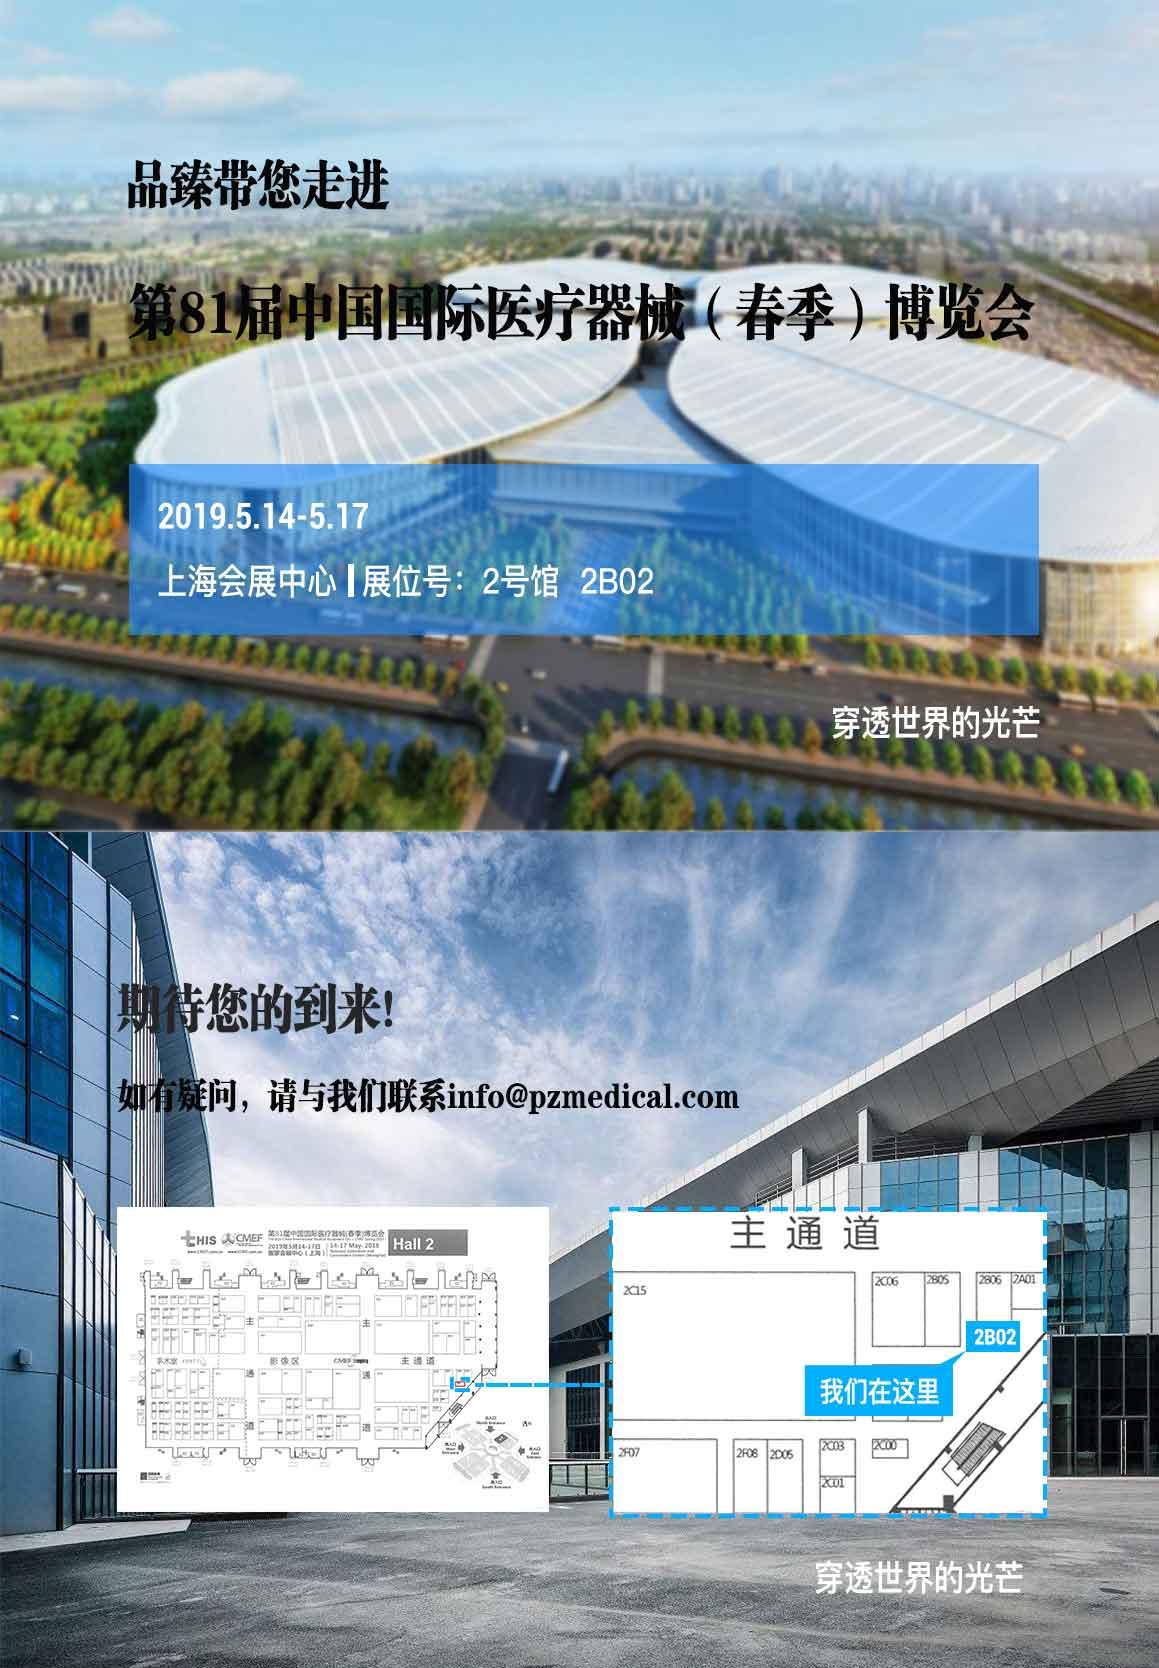 第81届中国国际医疗器械(秋季)博览会